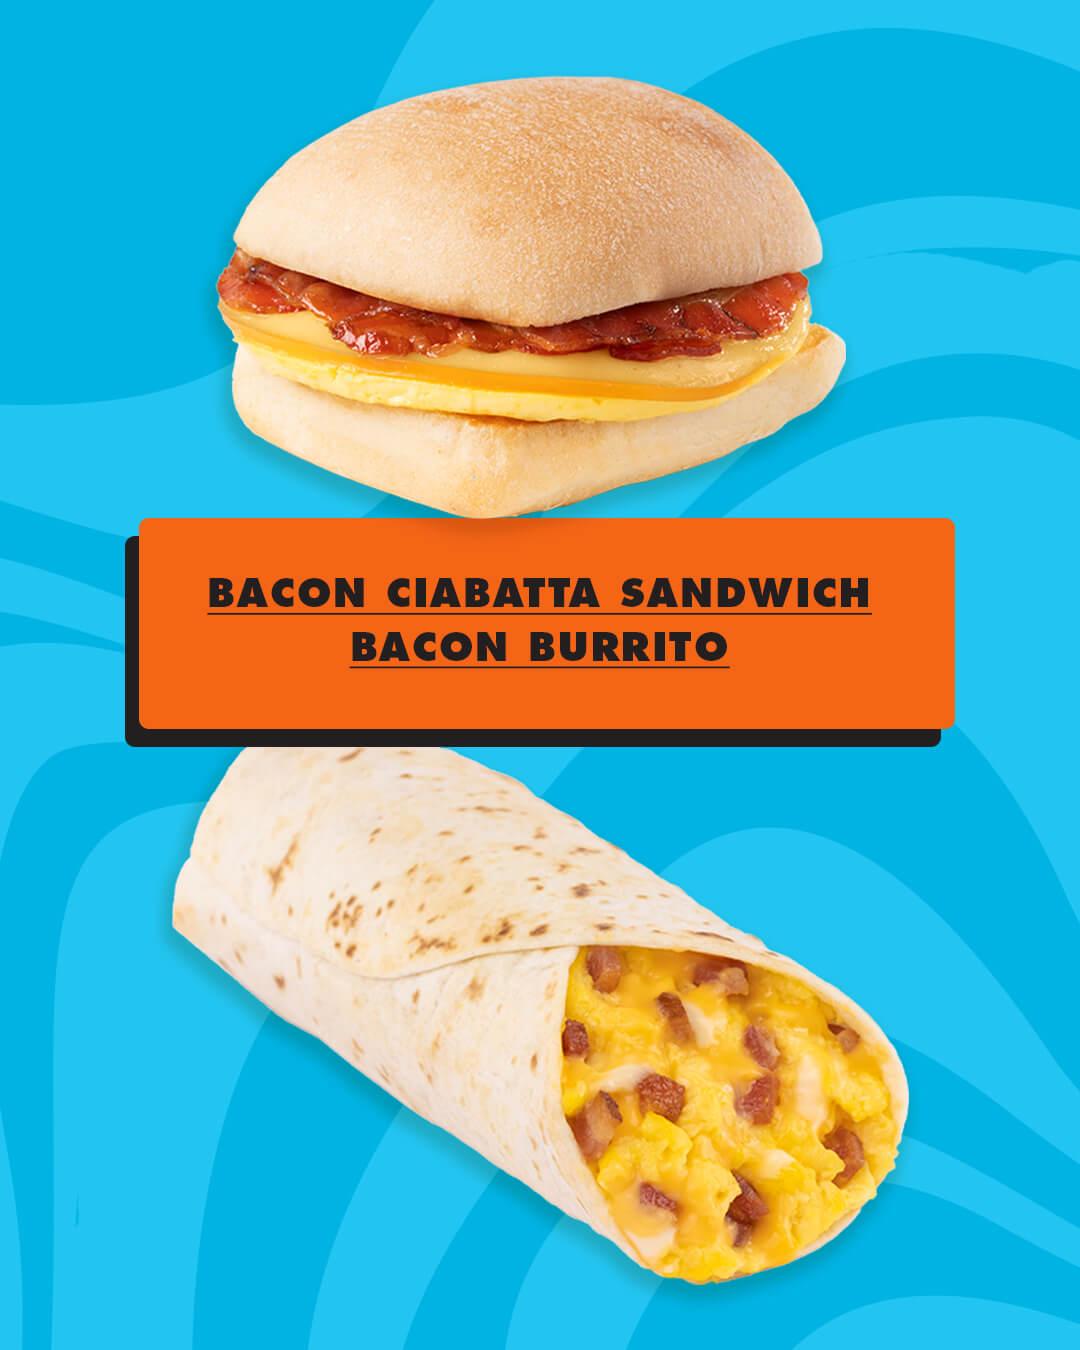 Bacon Ciabatta Sandwich and Bacon Burrito